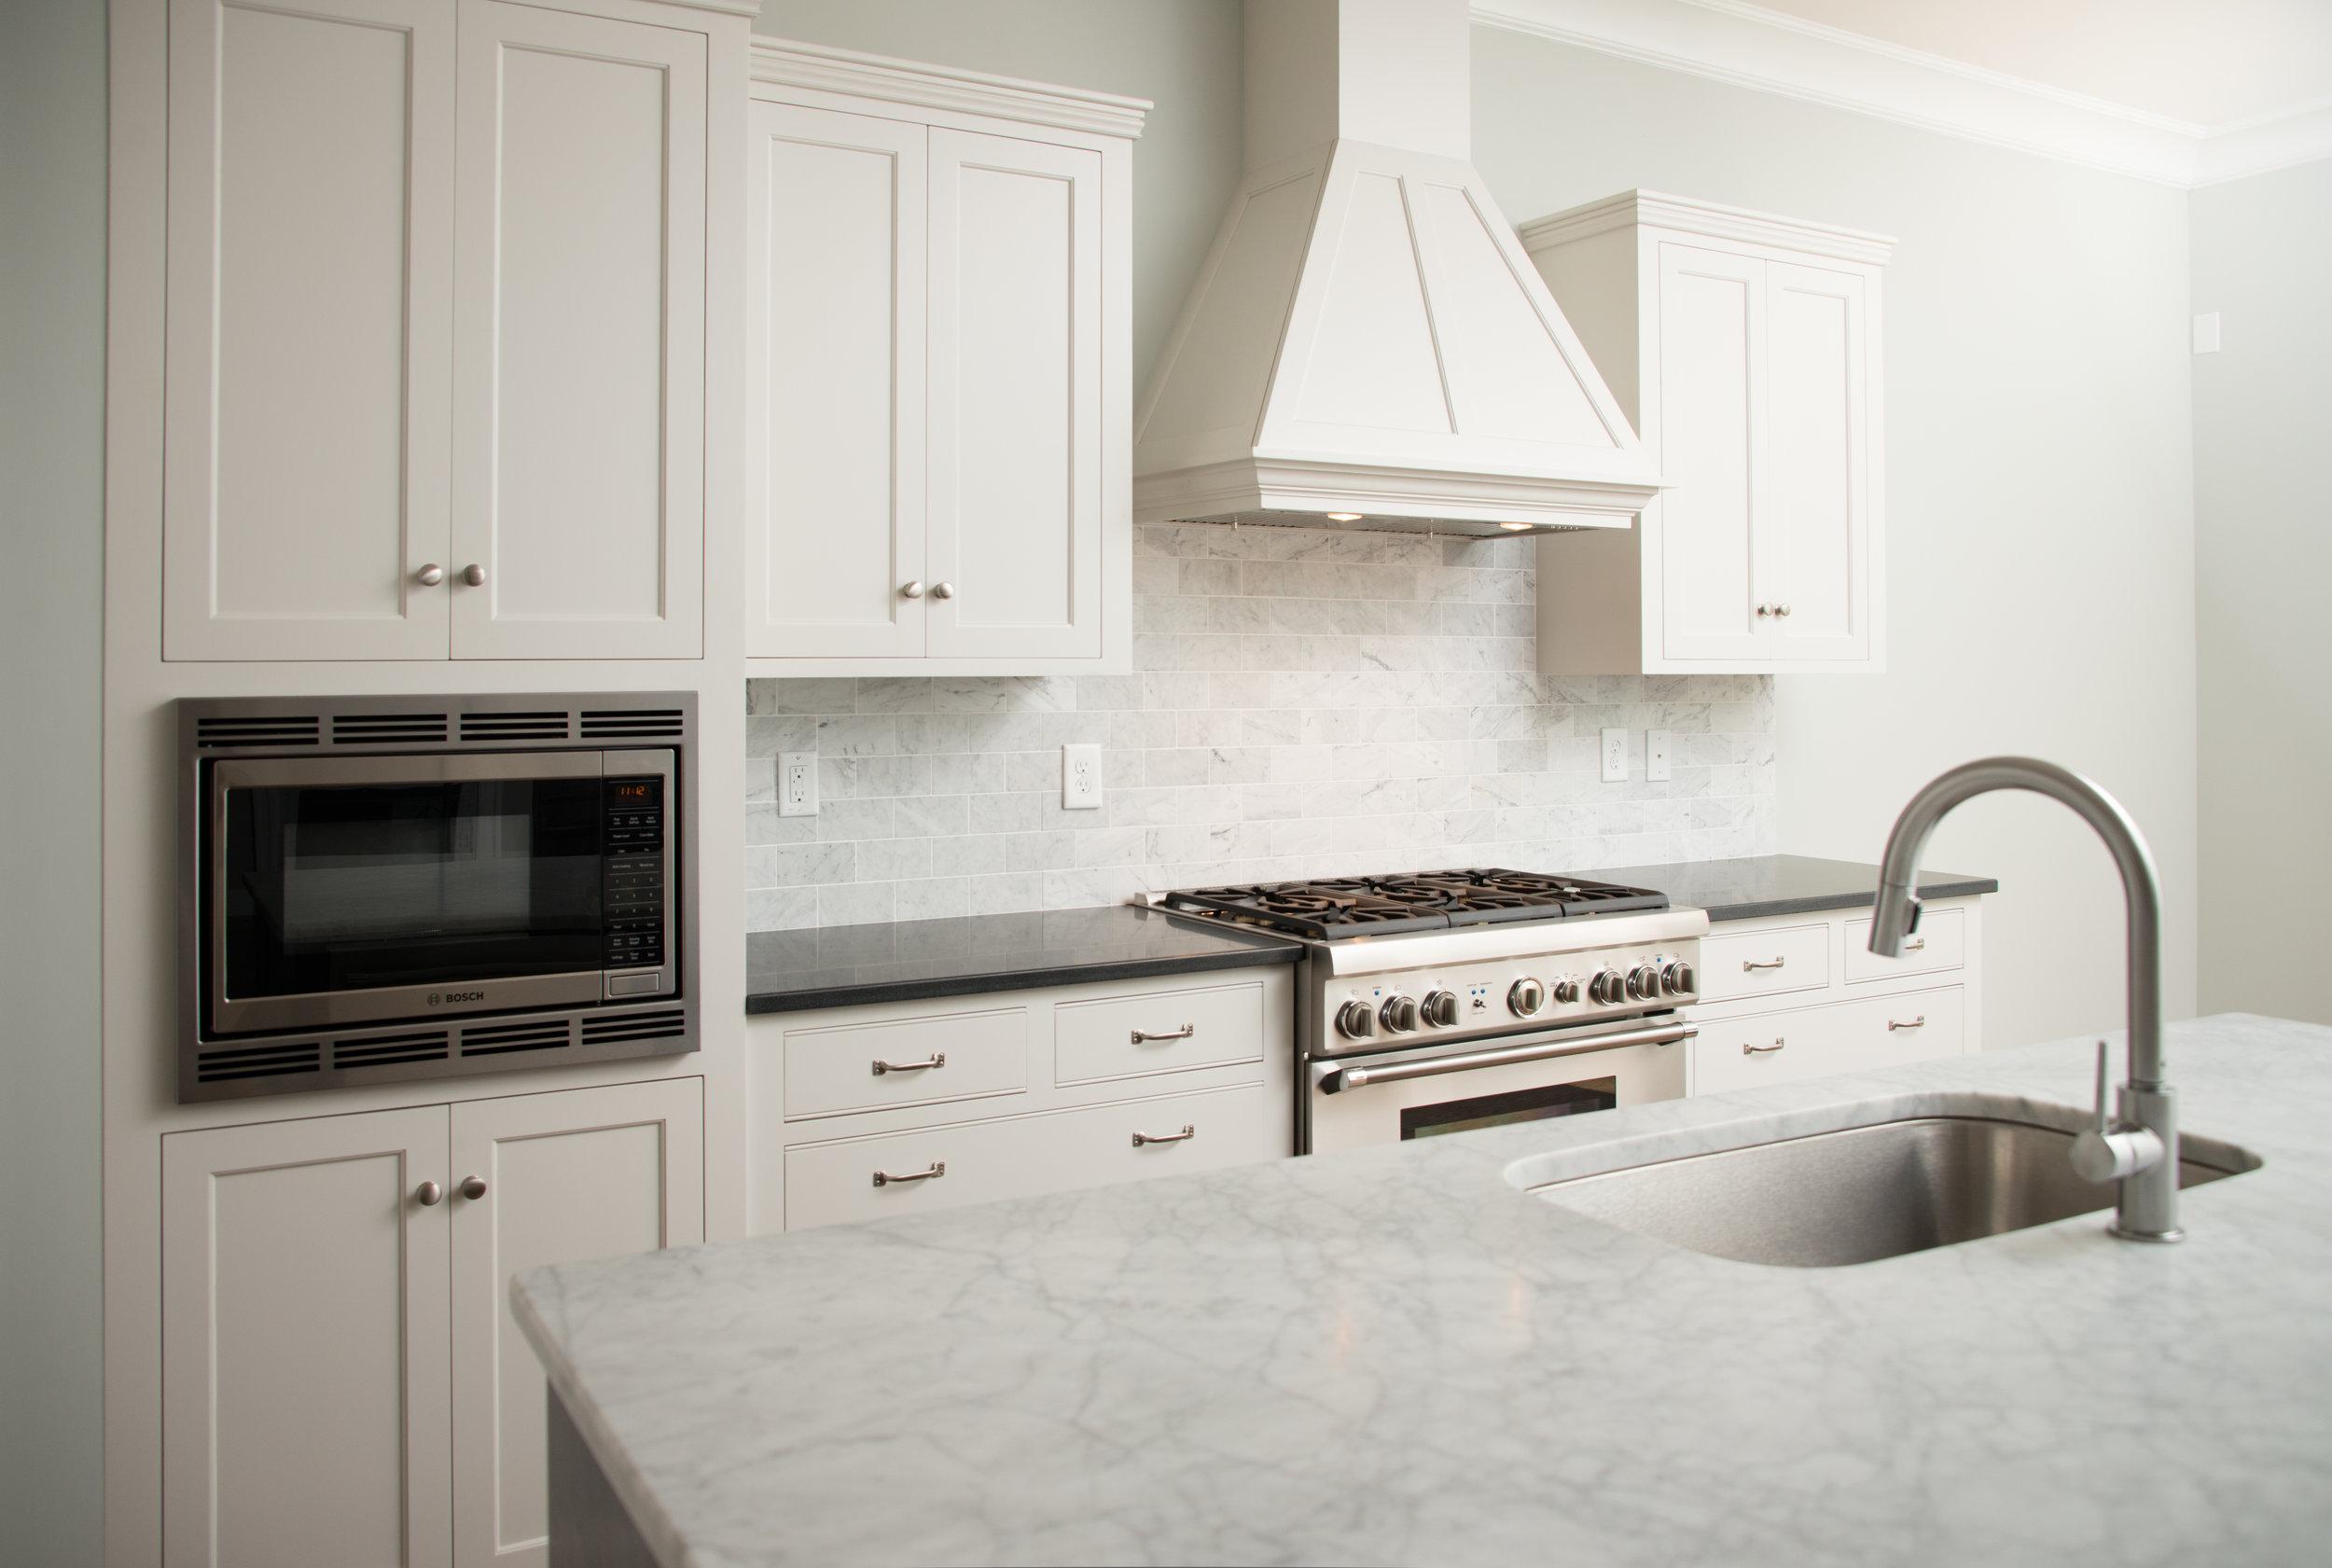 824 Kitchen 3.jpg